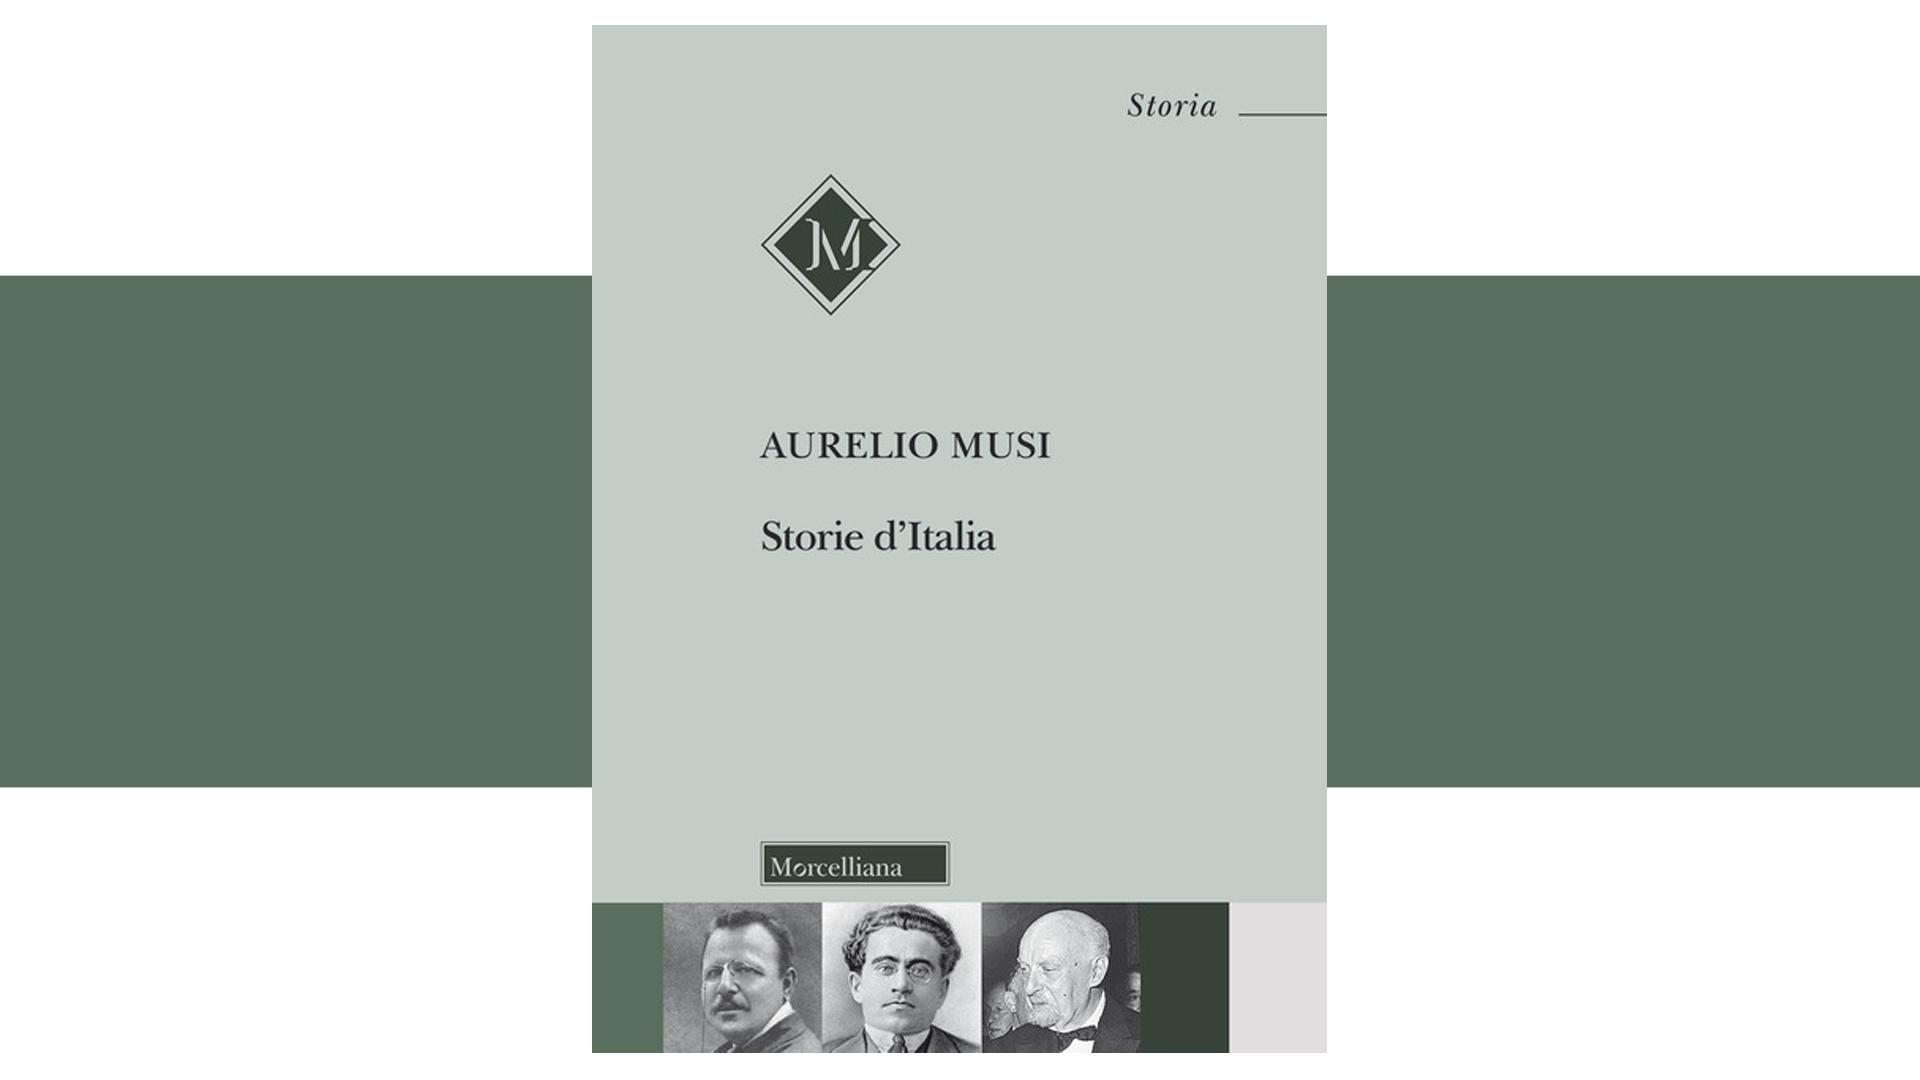 Quante storie d'Italia - Aurelio Musi